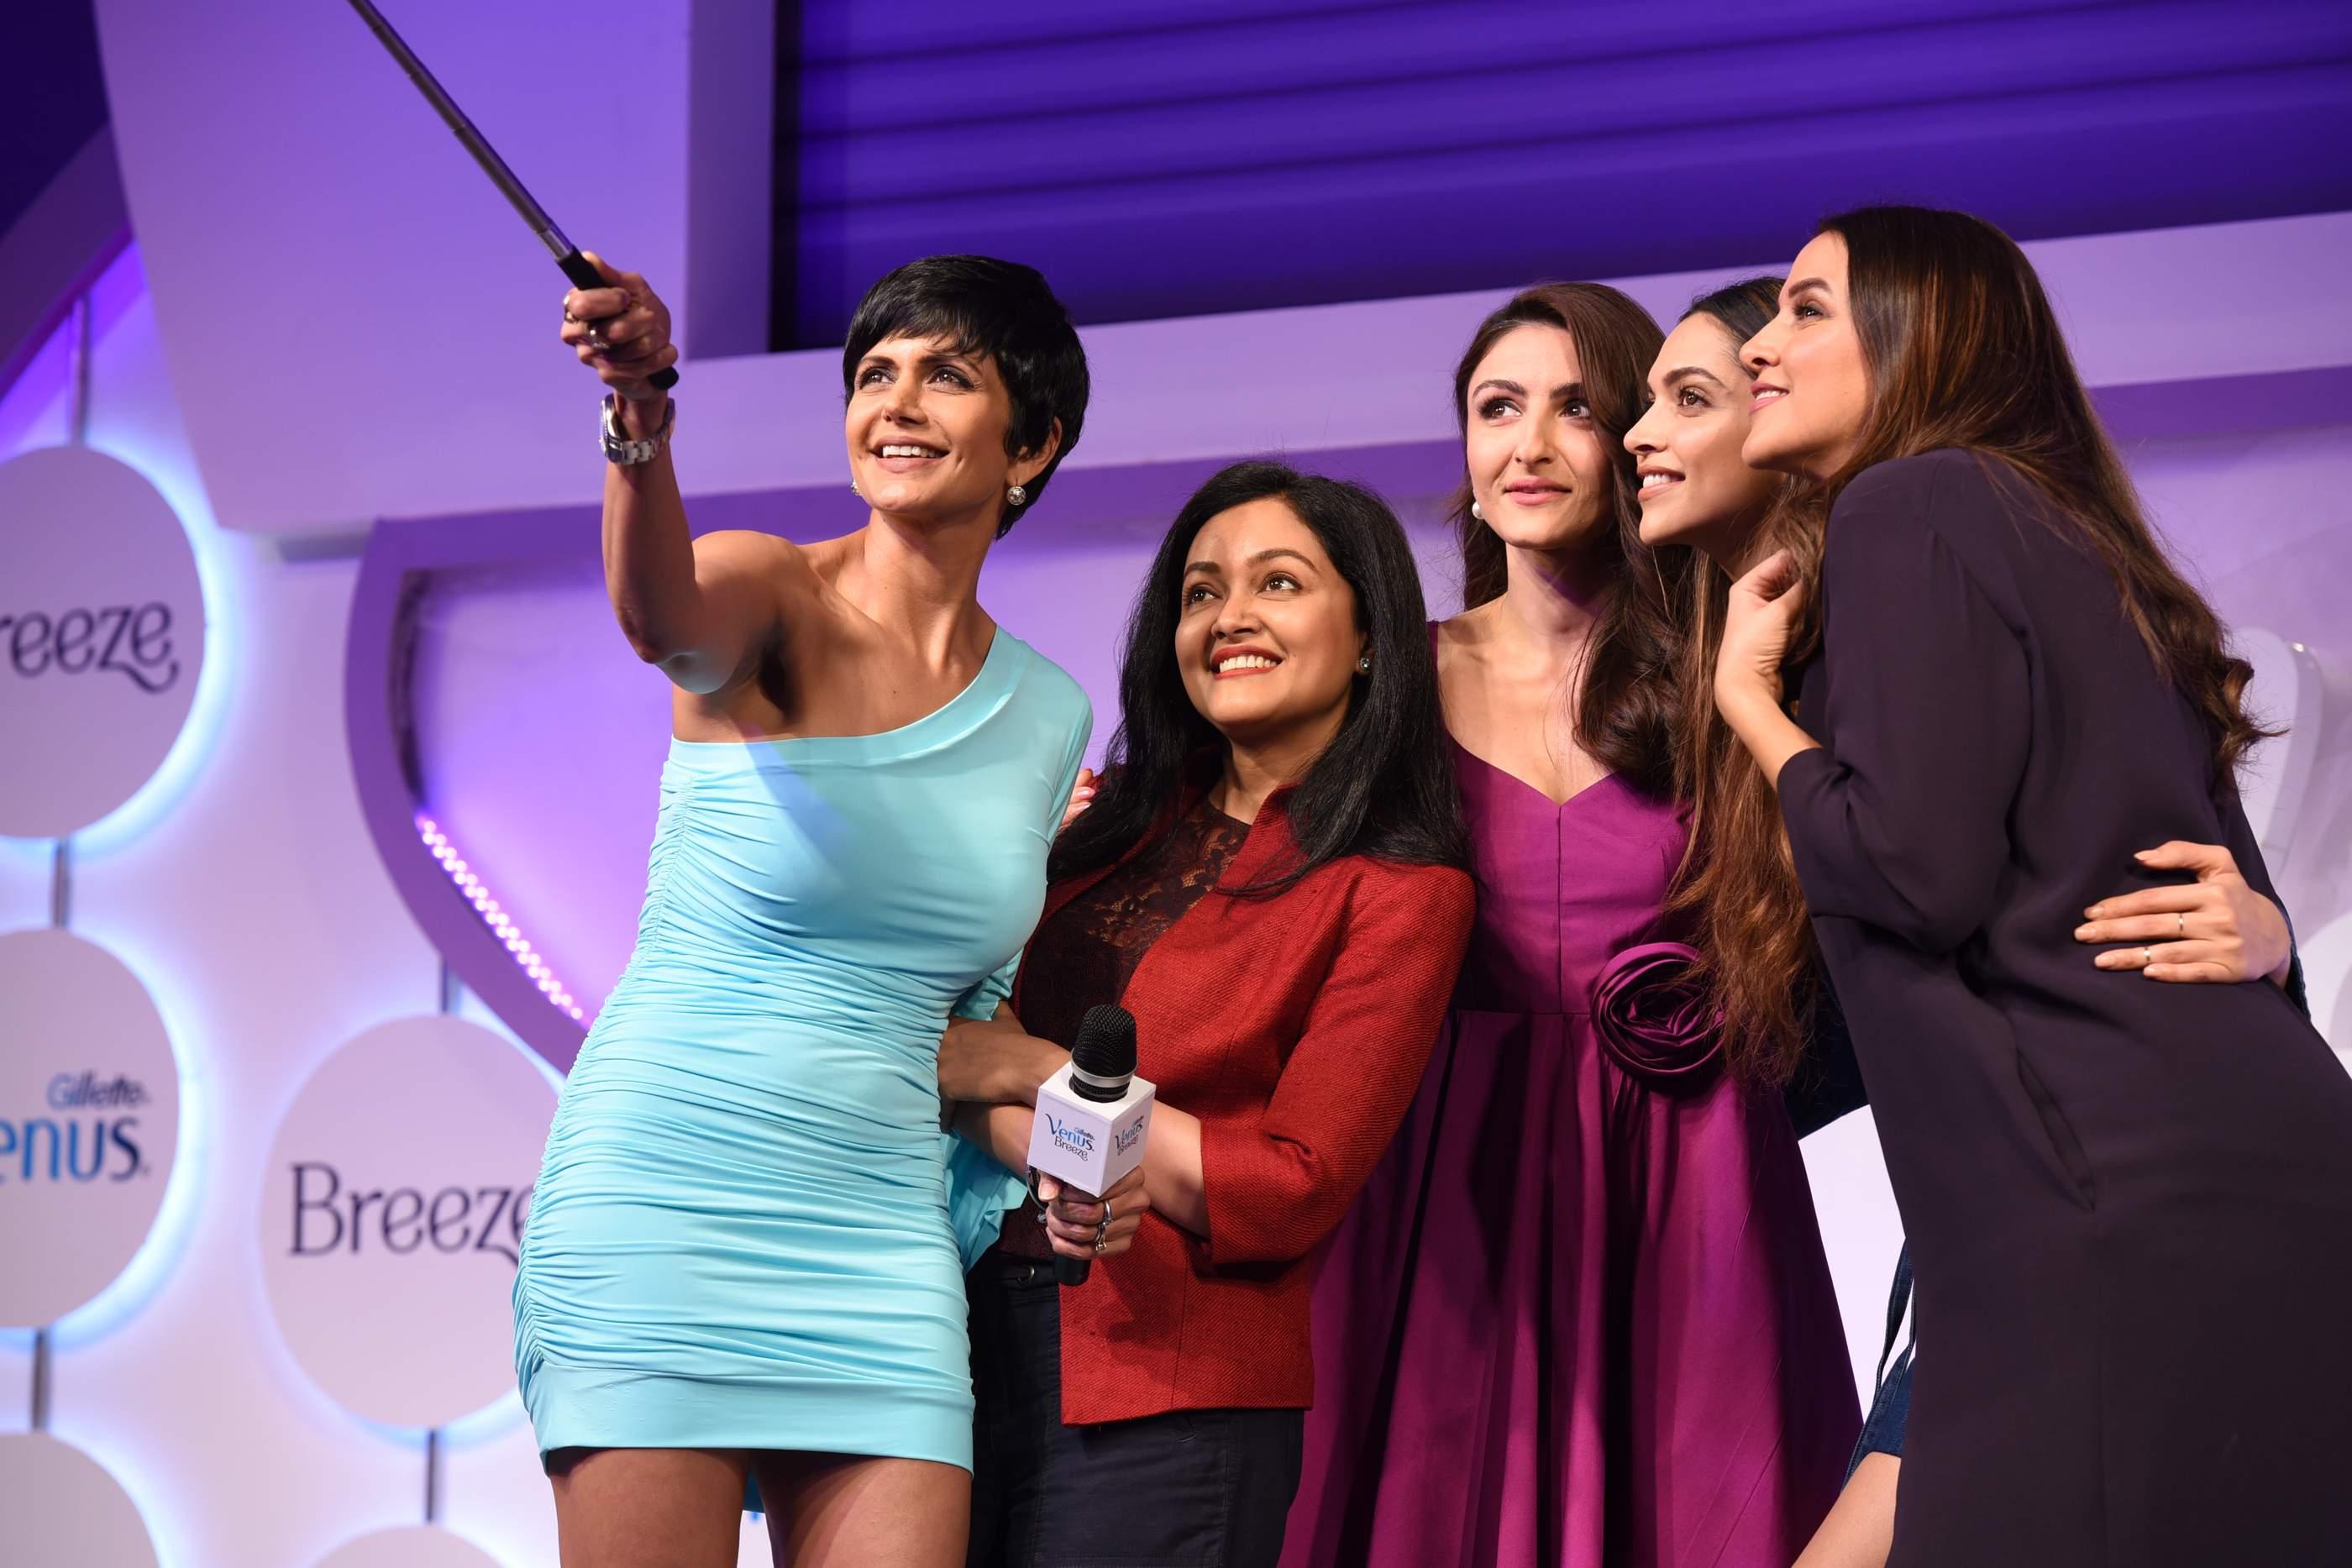 Beautiful Deepika Padukone, Soha Ali Khan & Neha Dhupia Beautiful Deepika Padukone, Soha Ali Khan & Neha Dhupia Gilette 120